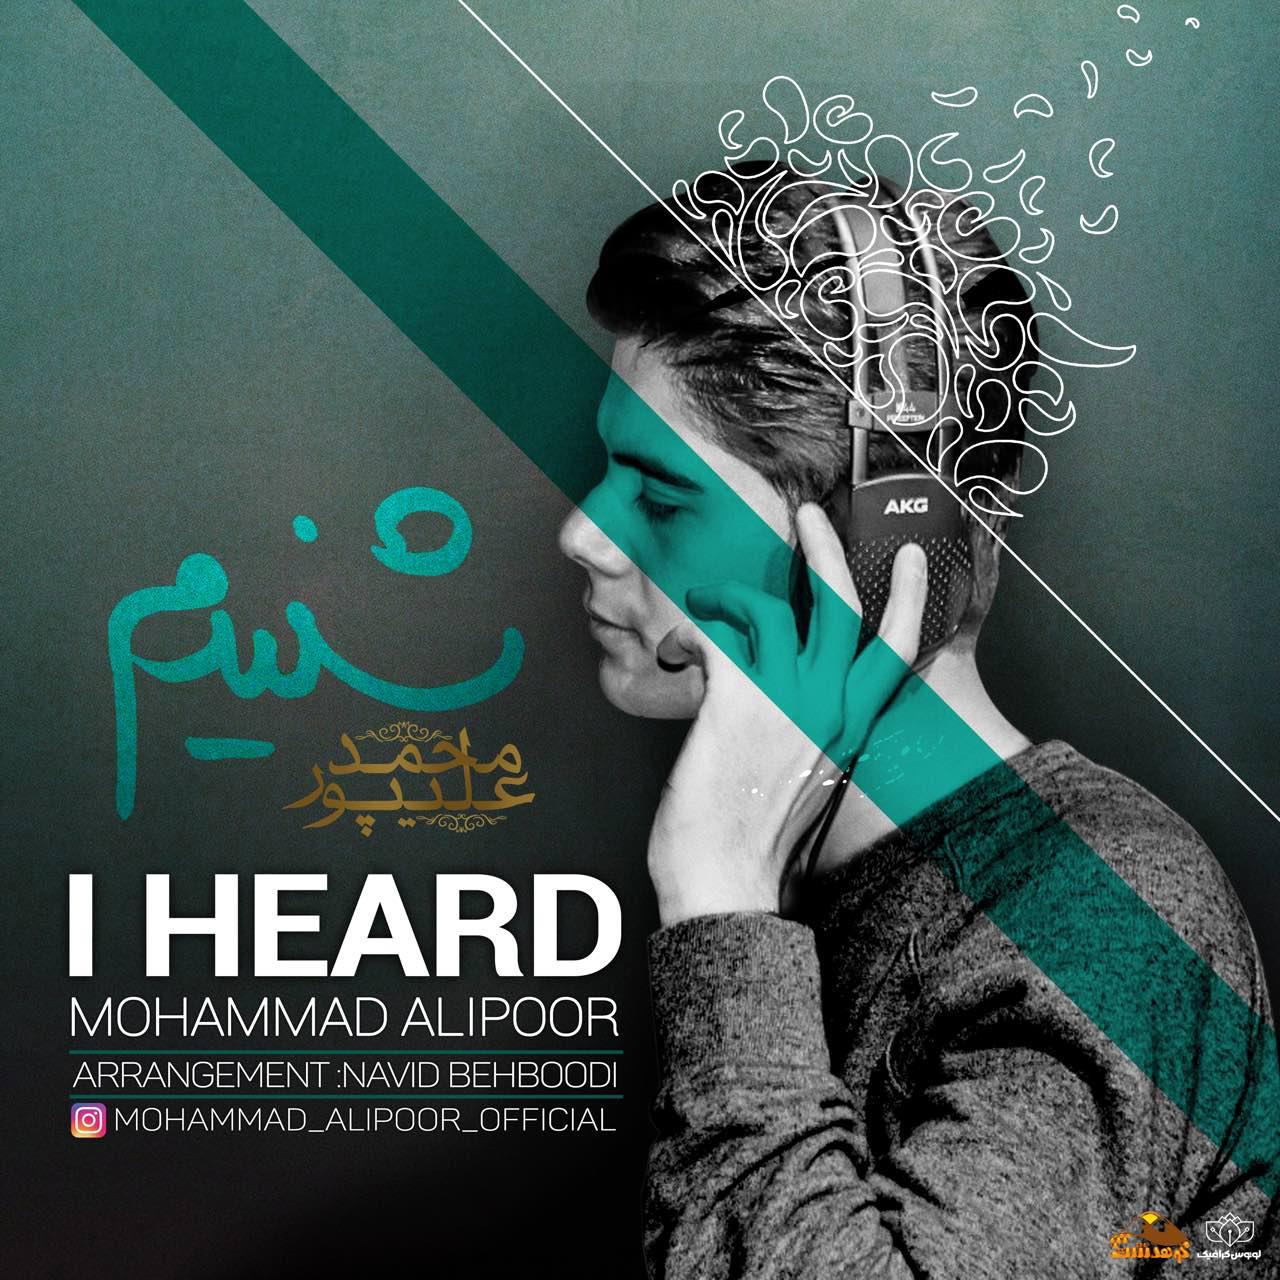 محمد علیپور شنیدم